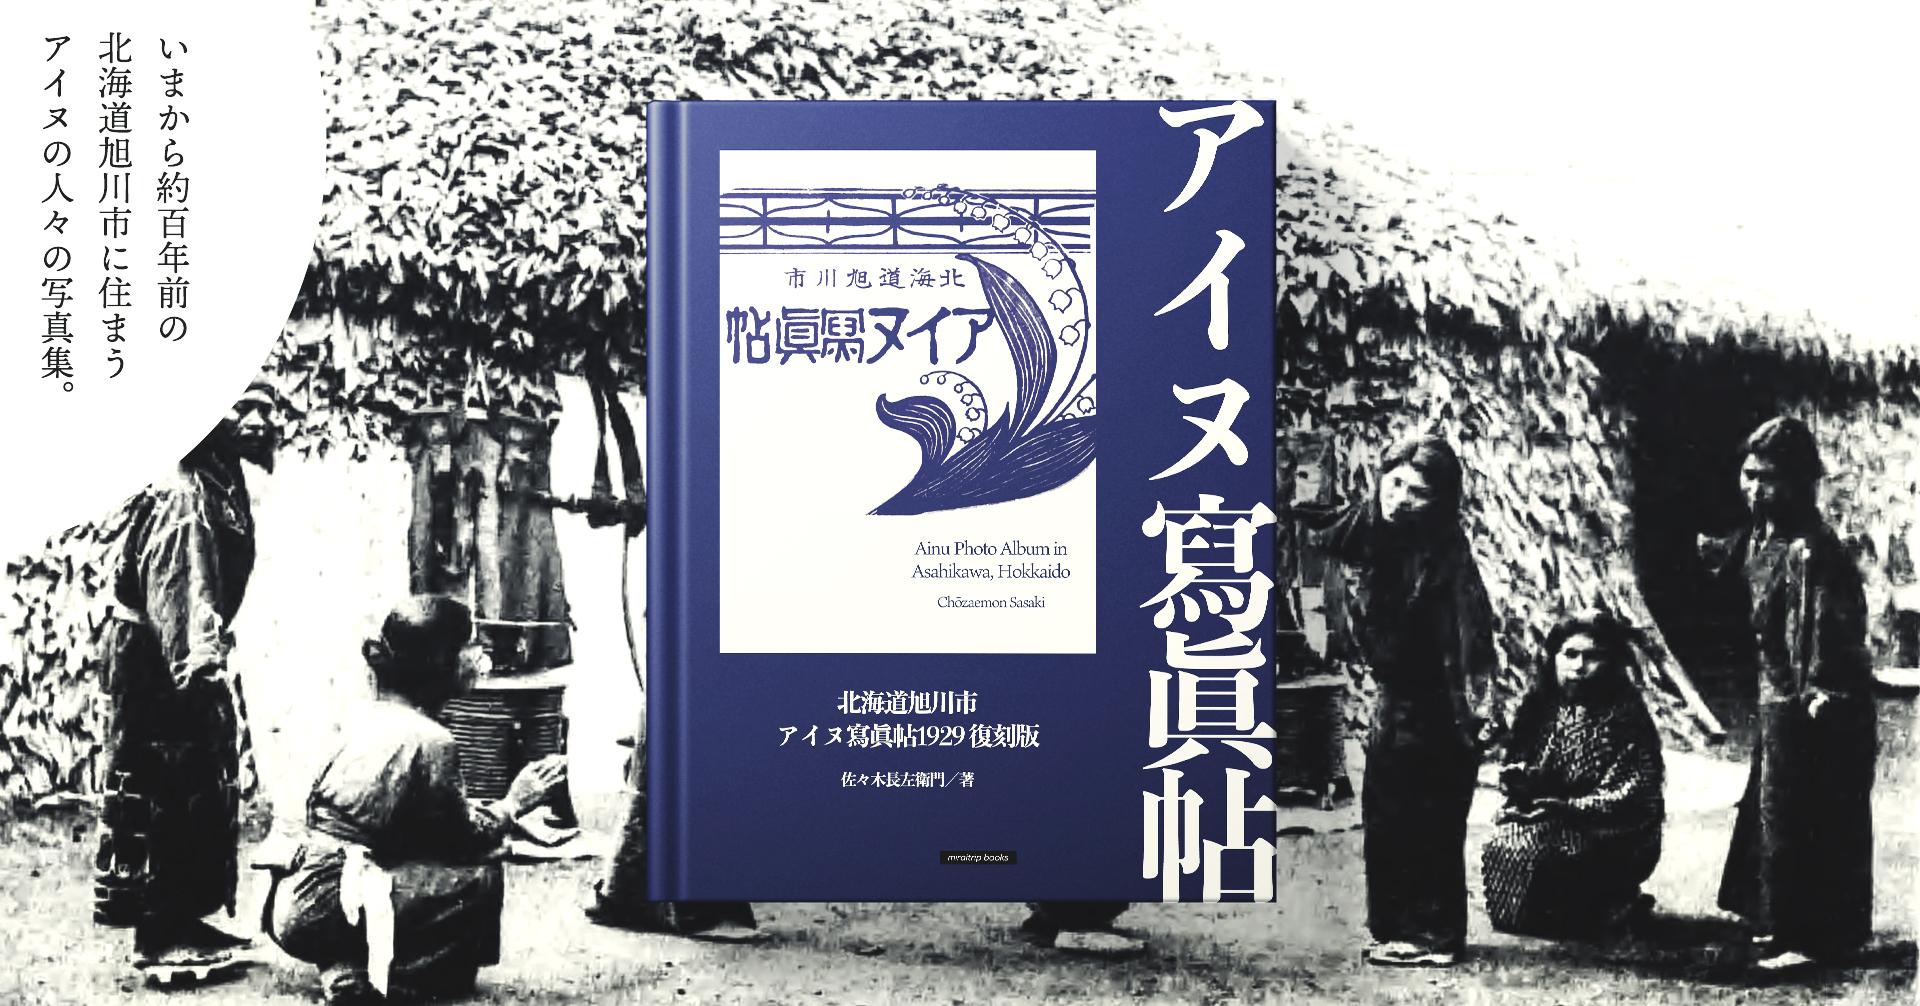 北海道旭川市アイヌ写真帖1929 復刻版